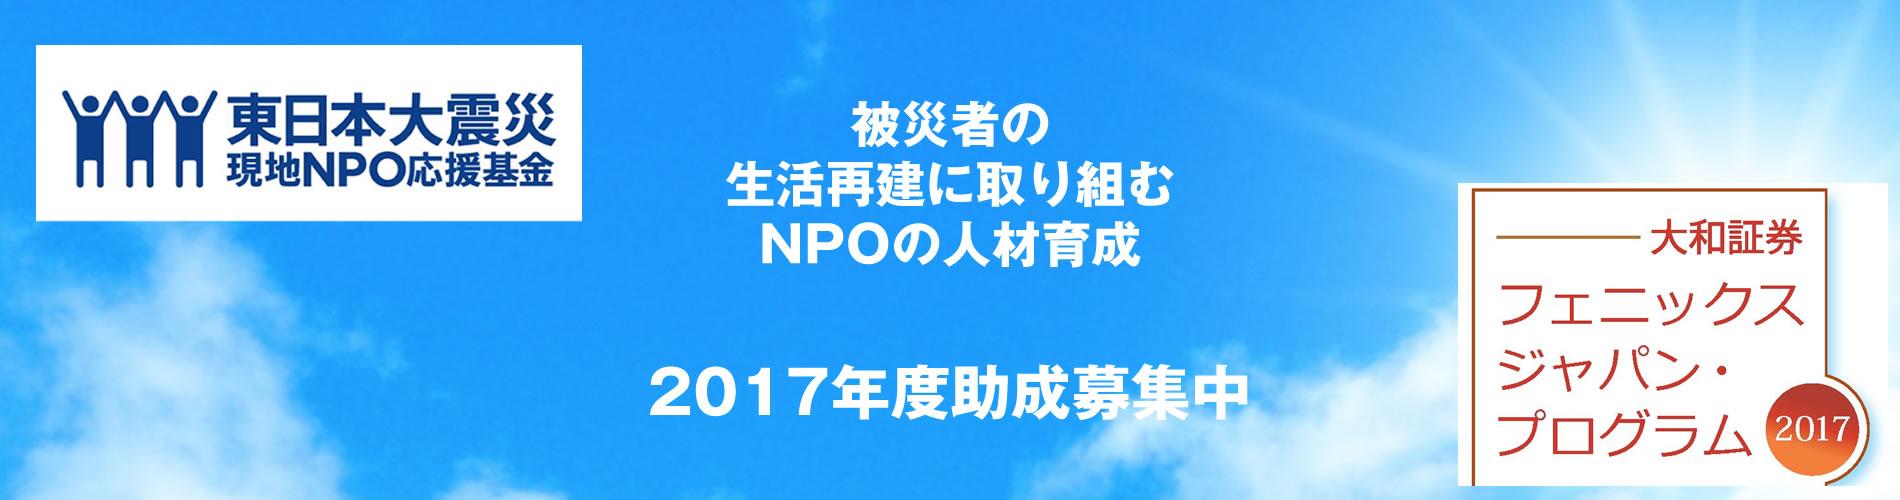 大和証券フェニックスジャパンプログラム